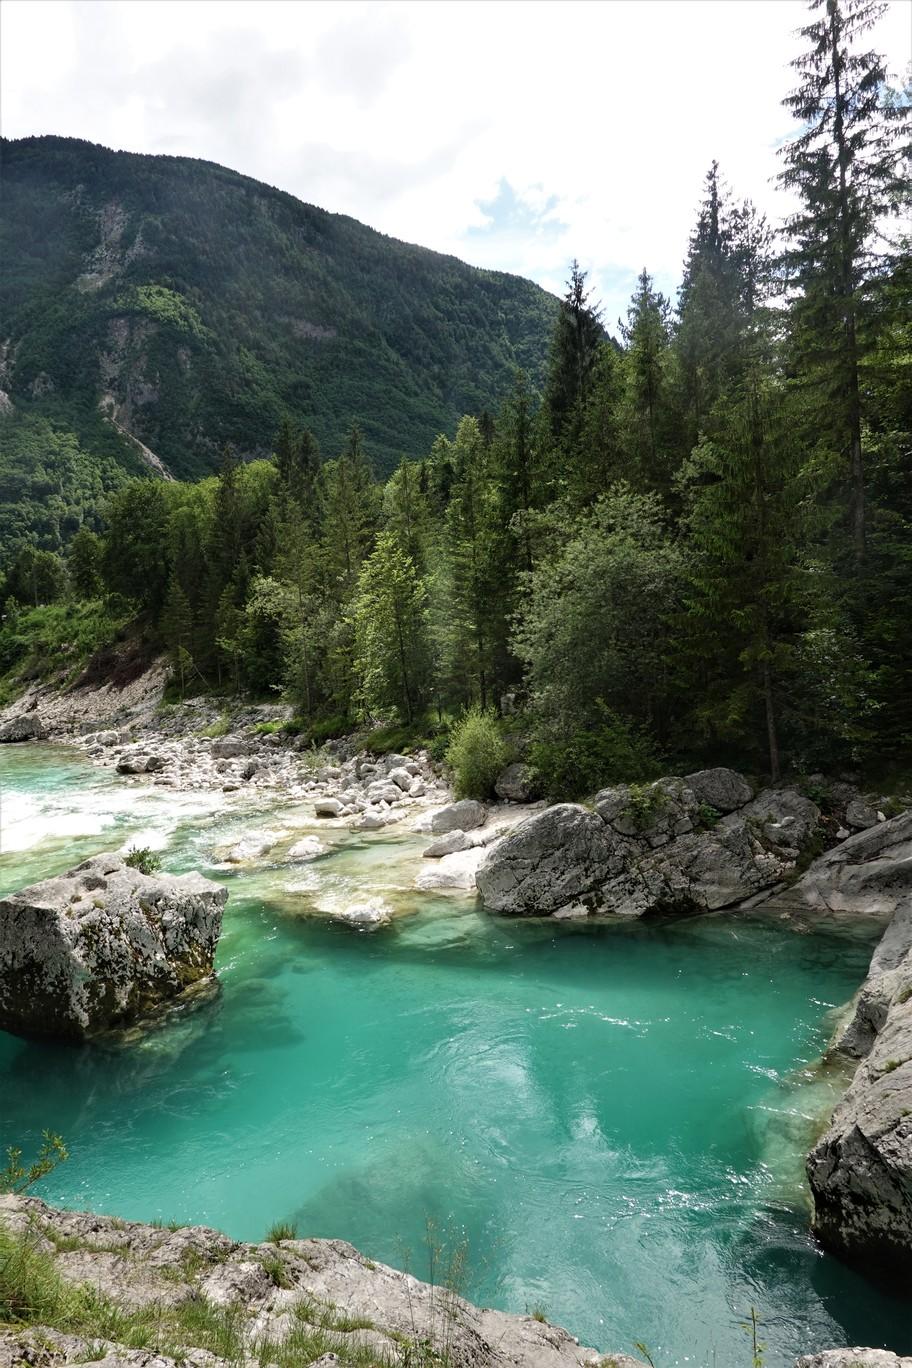 Řeka Soča je podle mnohých nejkrásnější řekou v Evropě